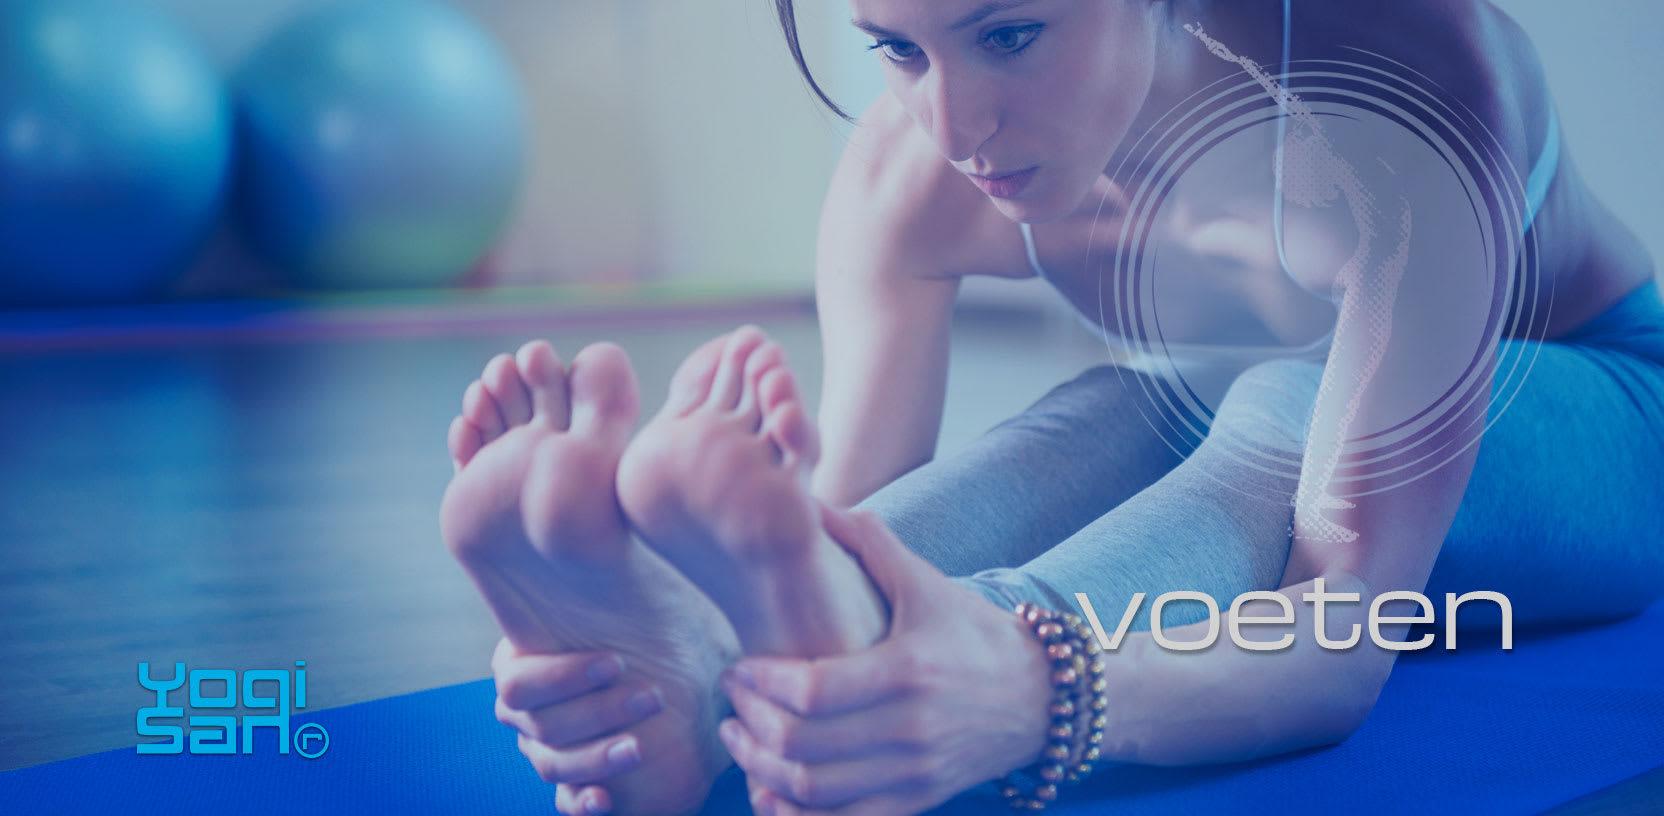 yoga en onze voeten